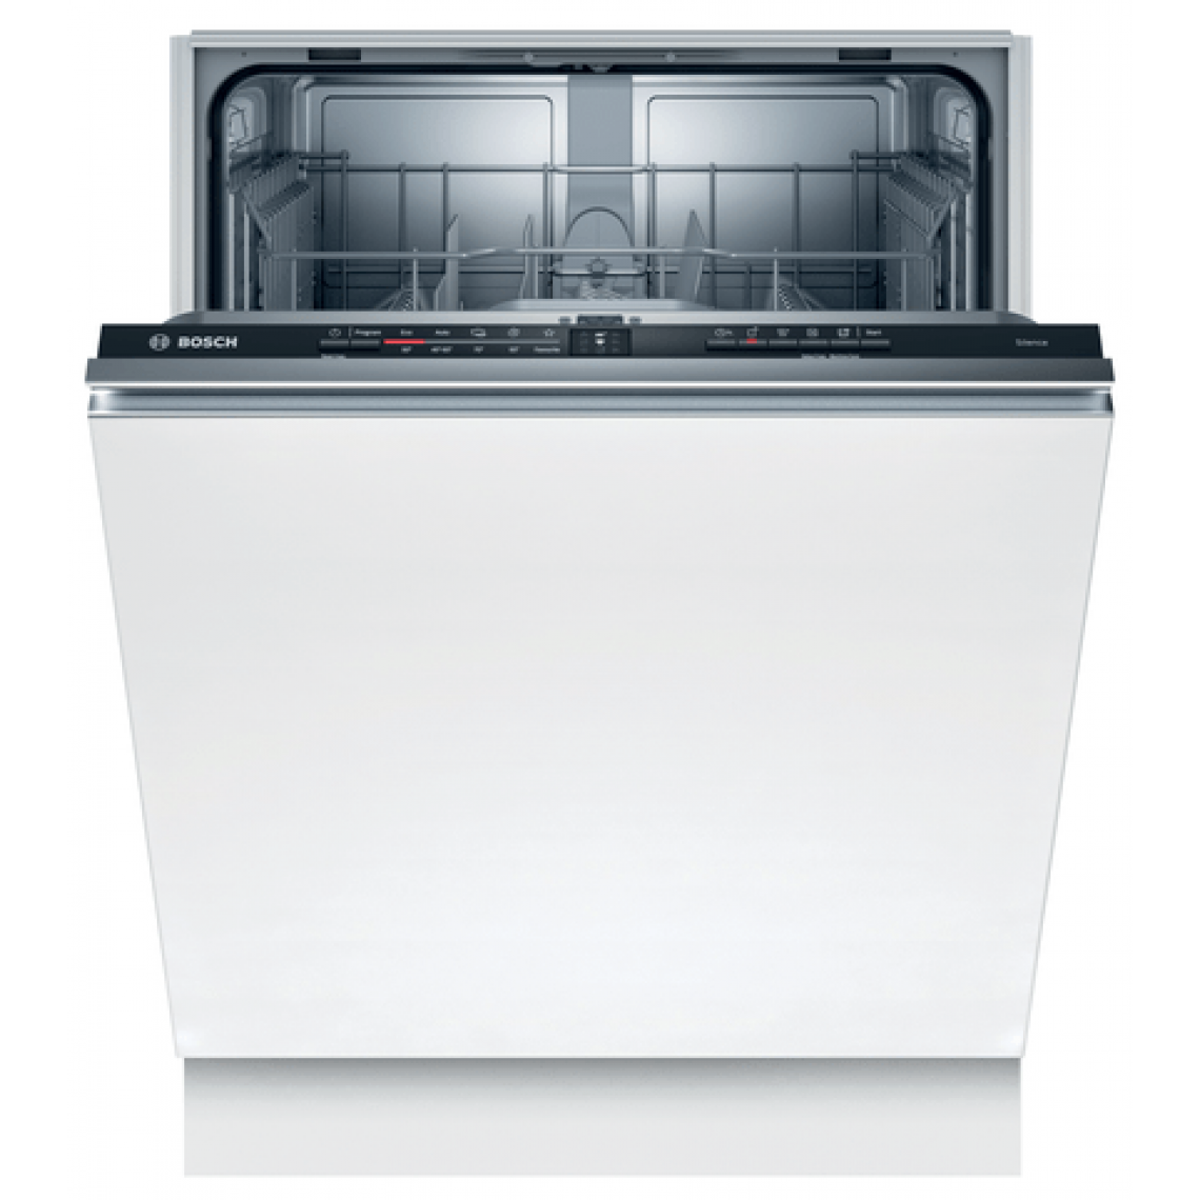 Bosch Lave vaisselle tout integrable 60 cm BOSCH SMV2ITX48E